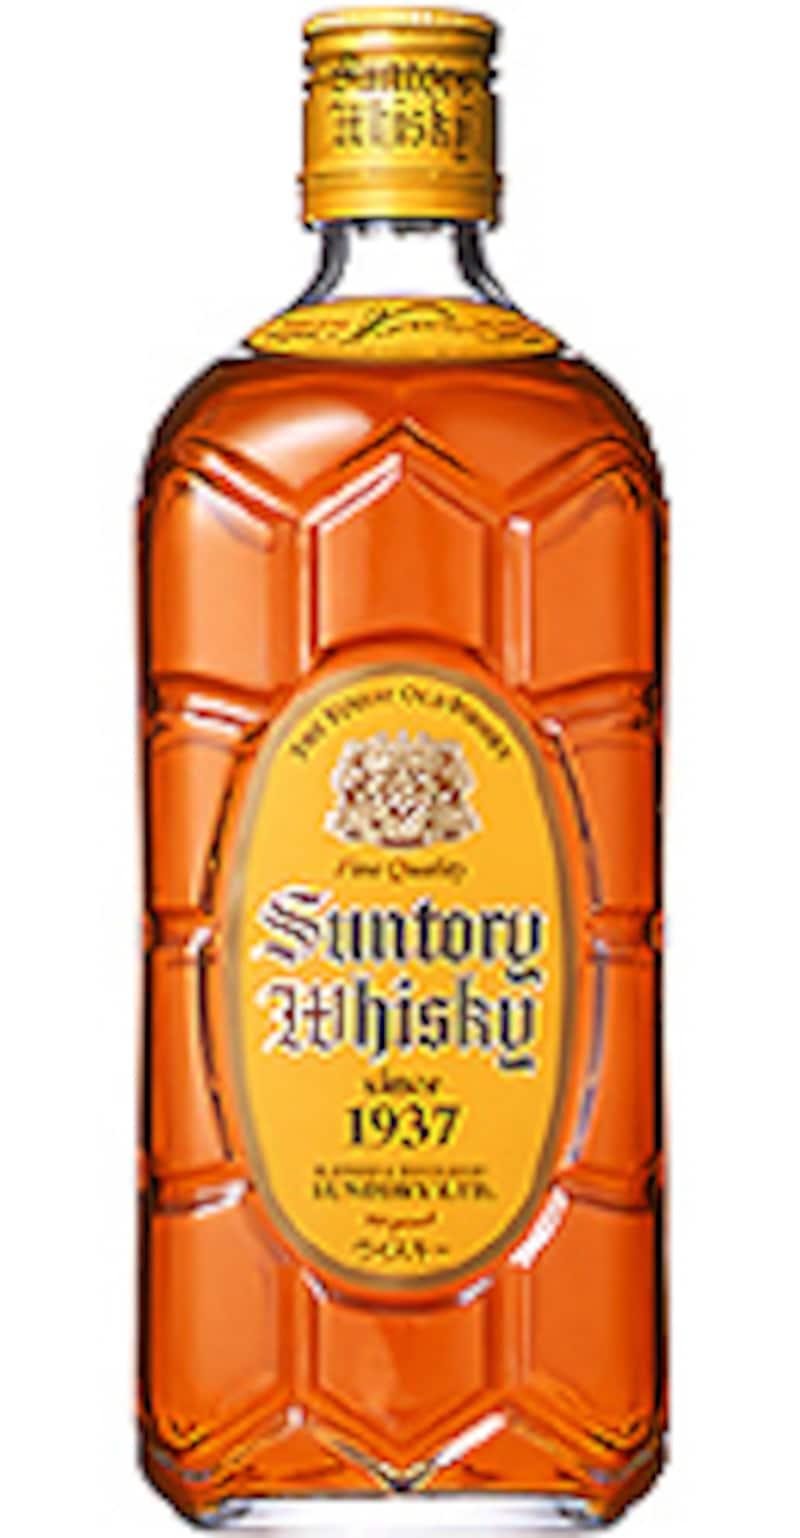 1937年10月8日誕生の角瓶